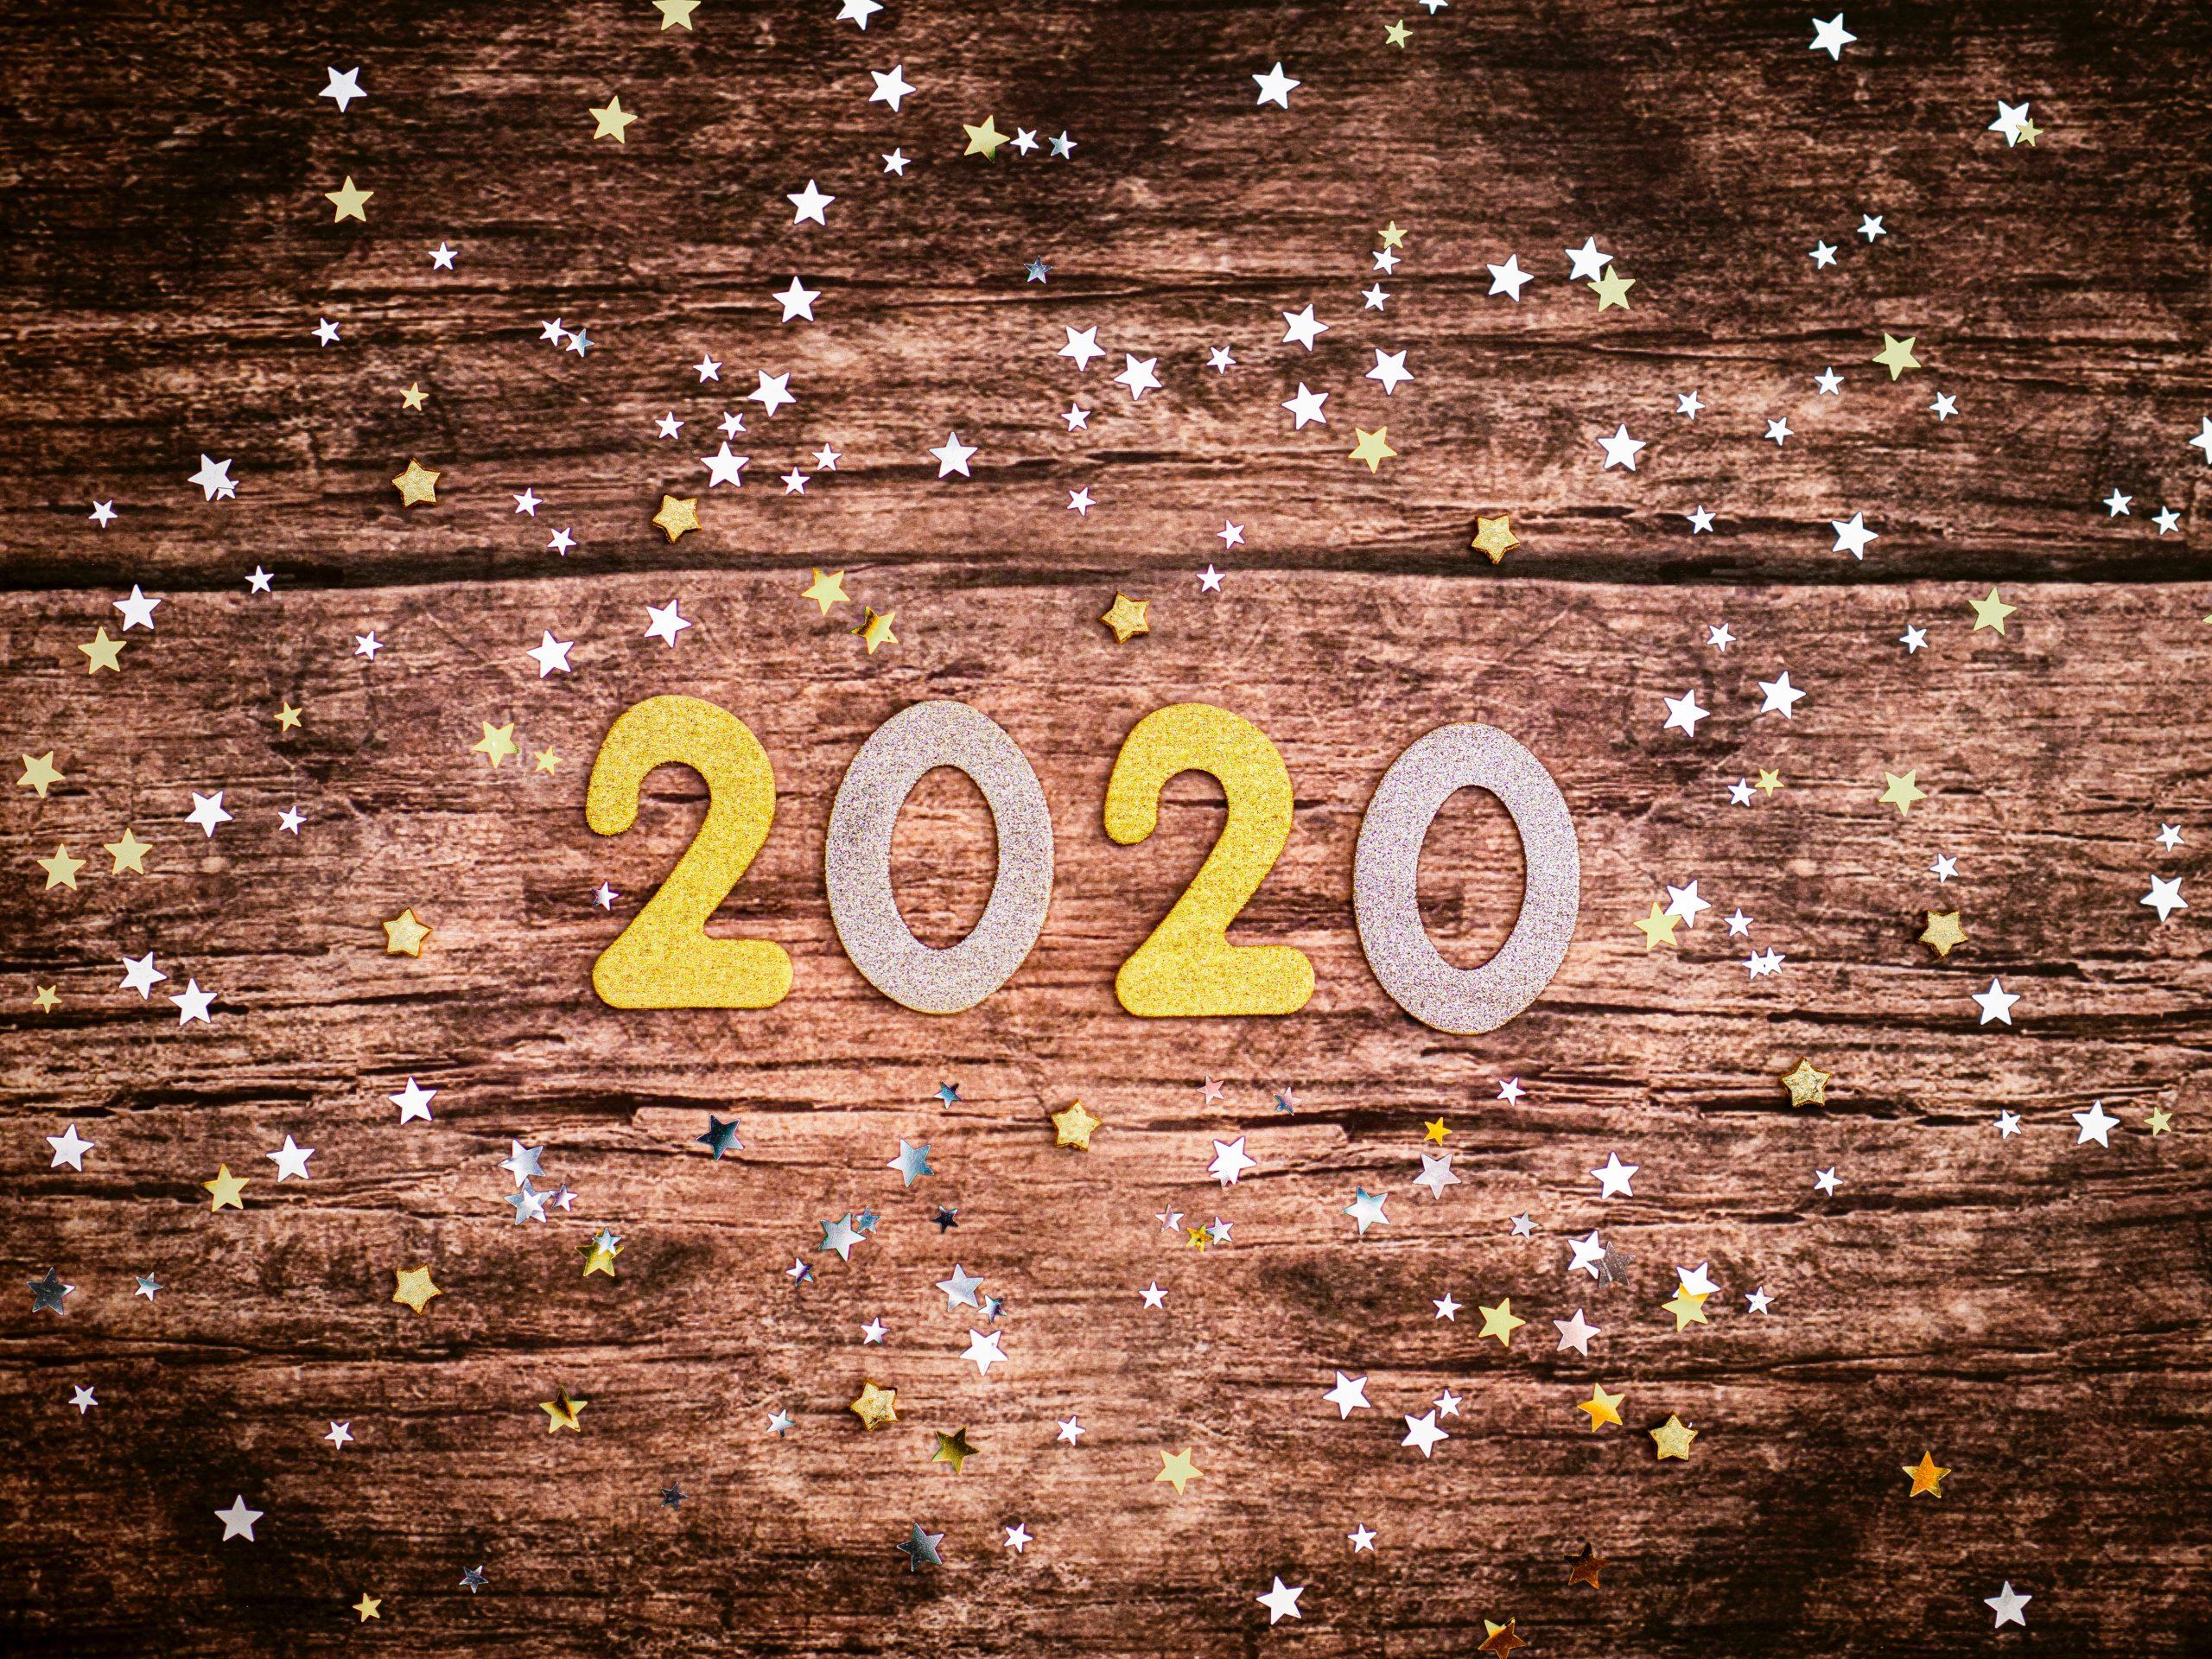 La prima sentenza del 2020 del Consiglio di Stato riguarda la disabilità